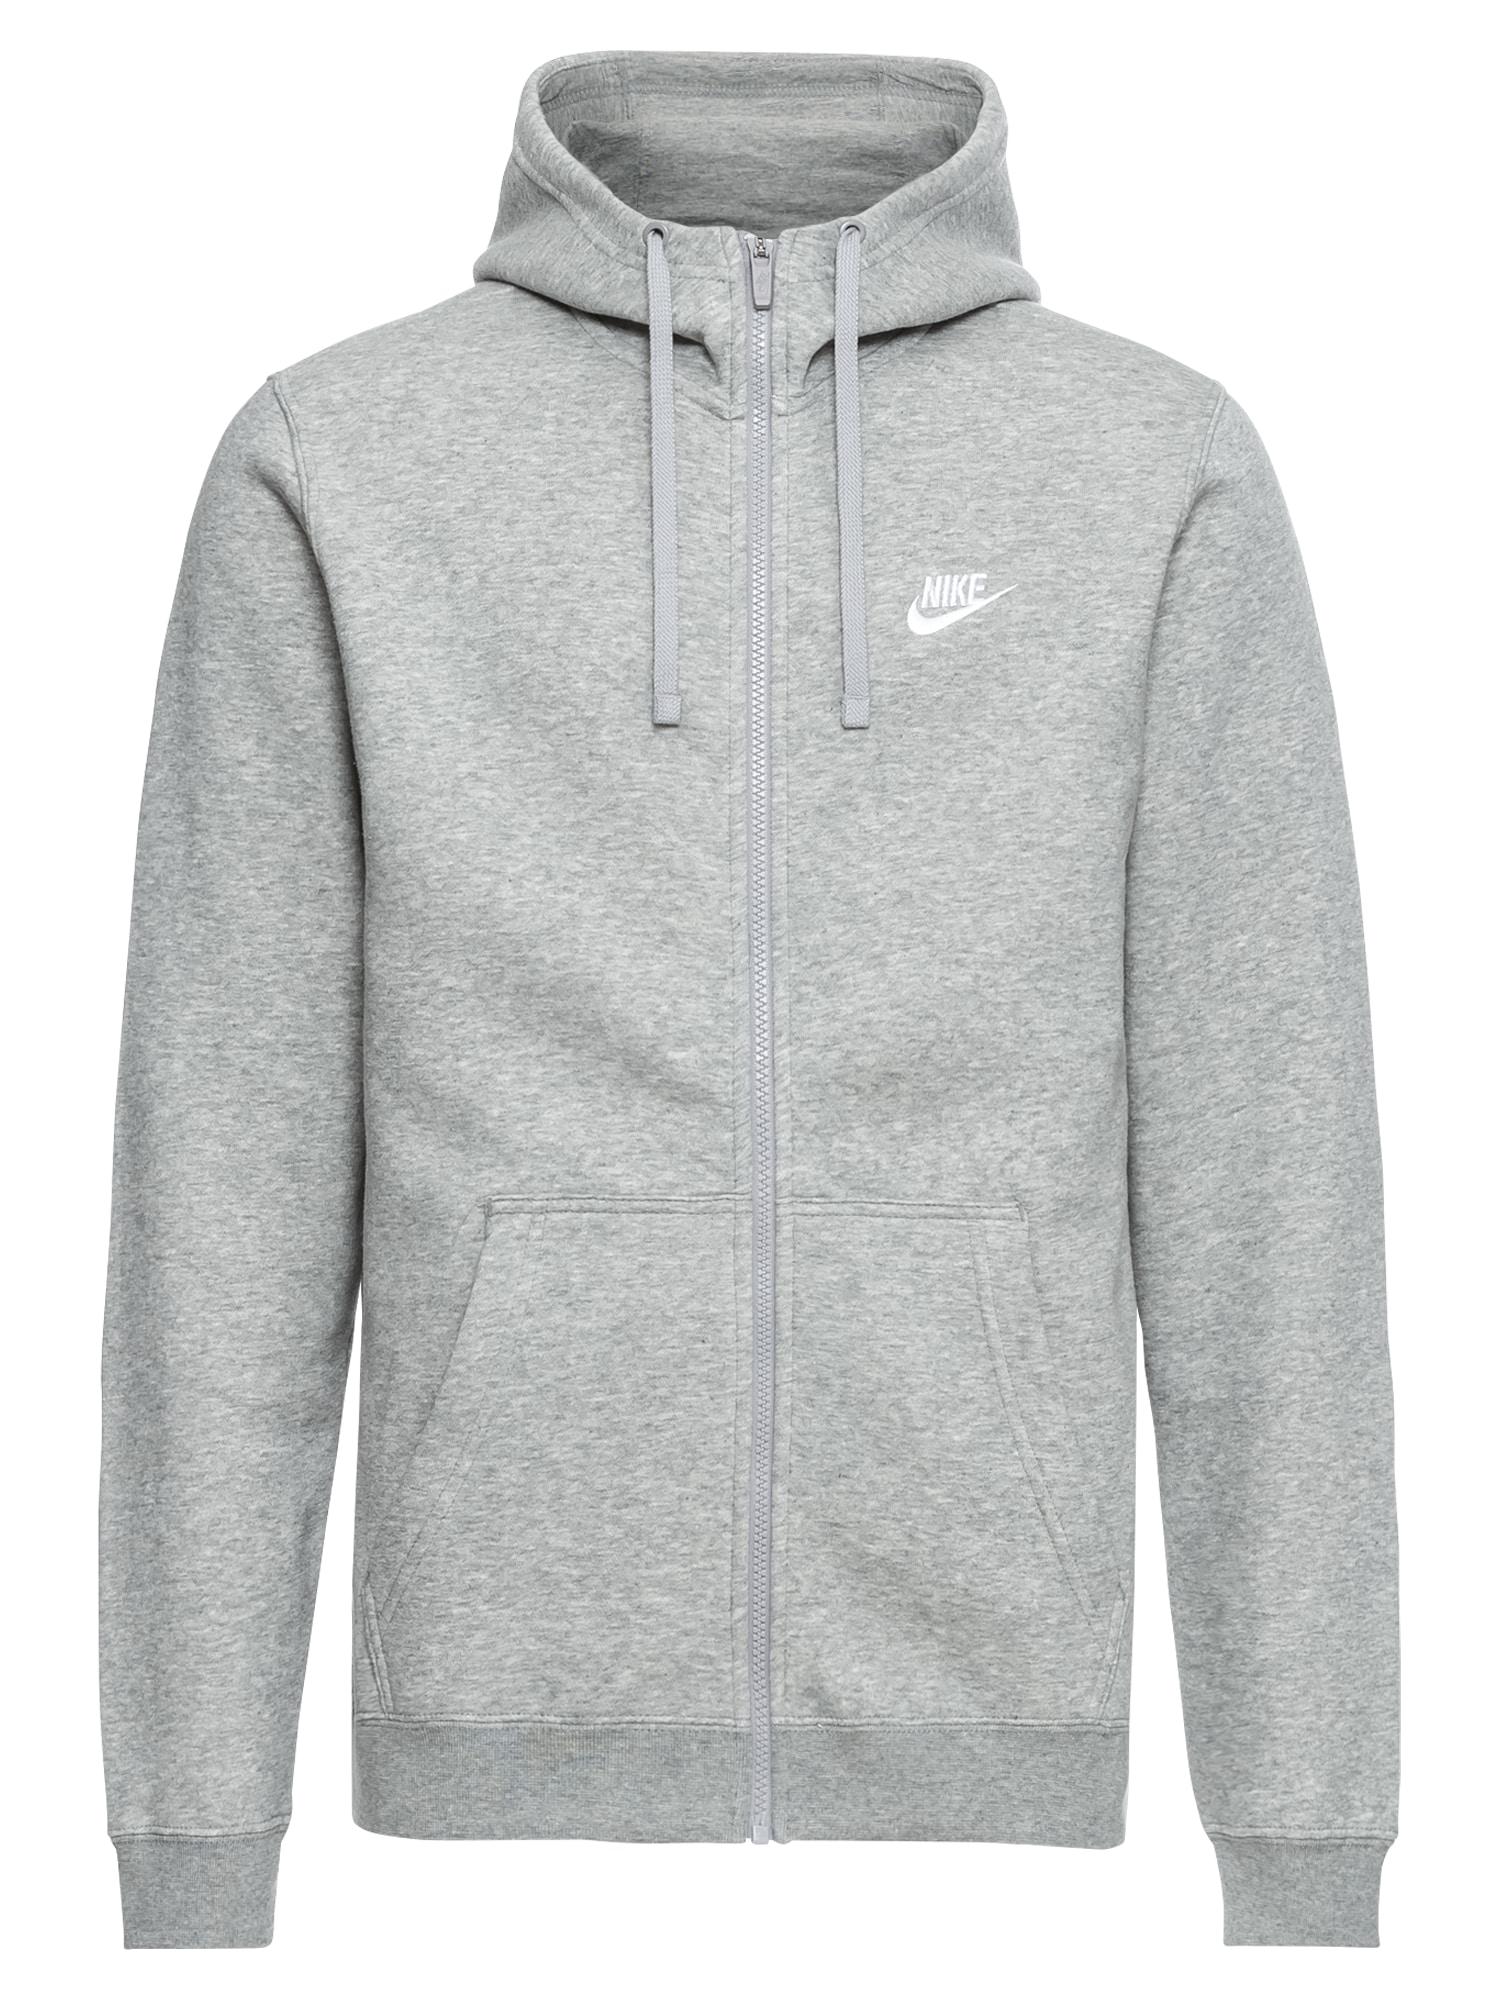 Mikina s kapucí šedá Nike Sportswear